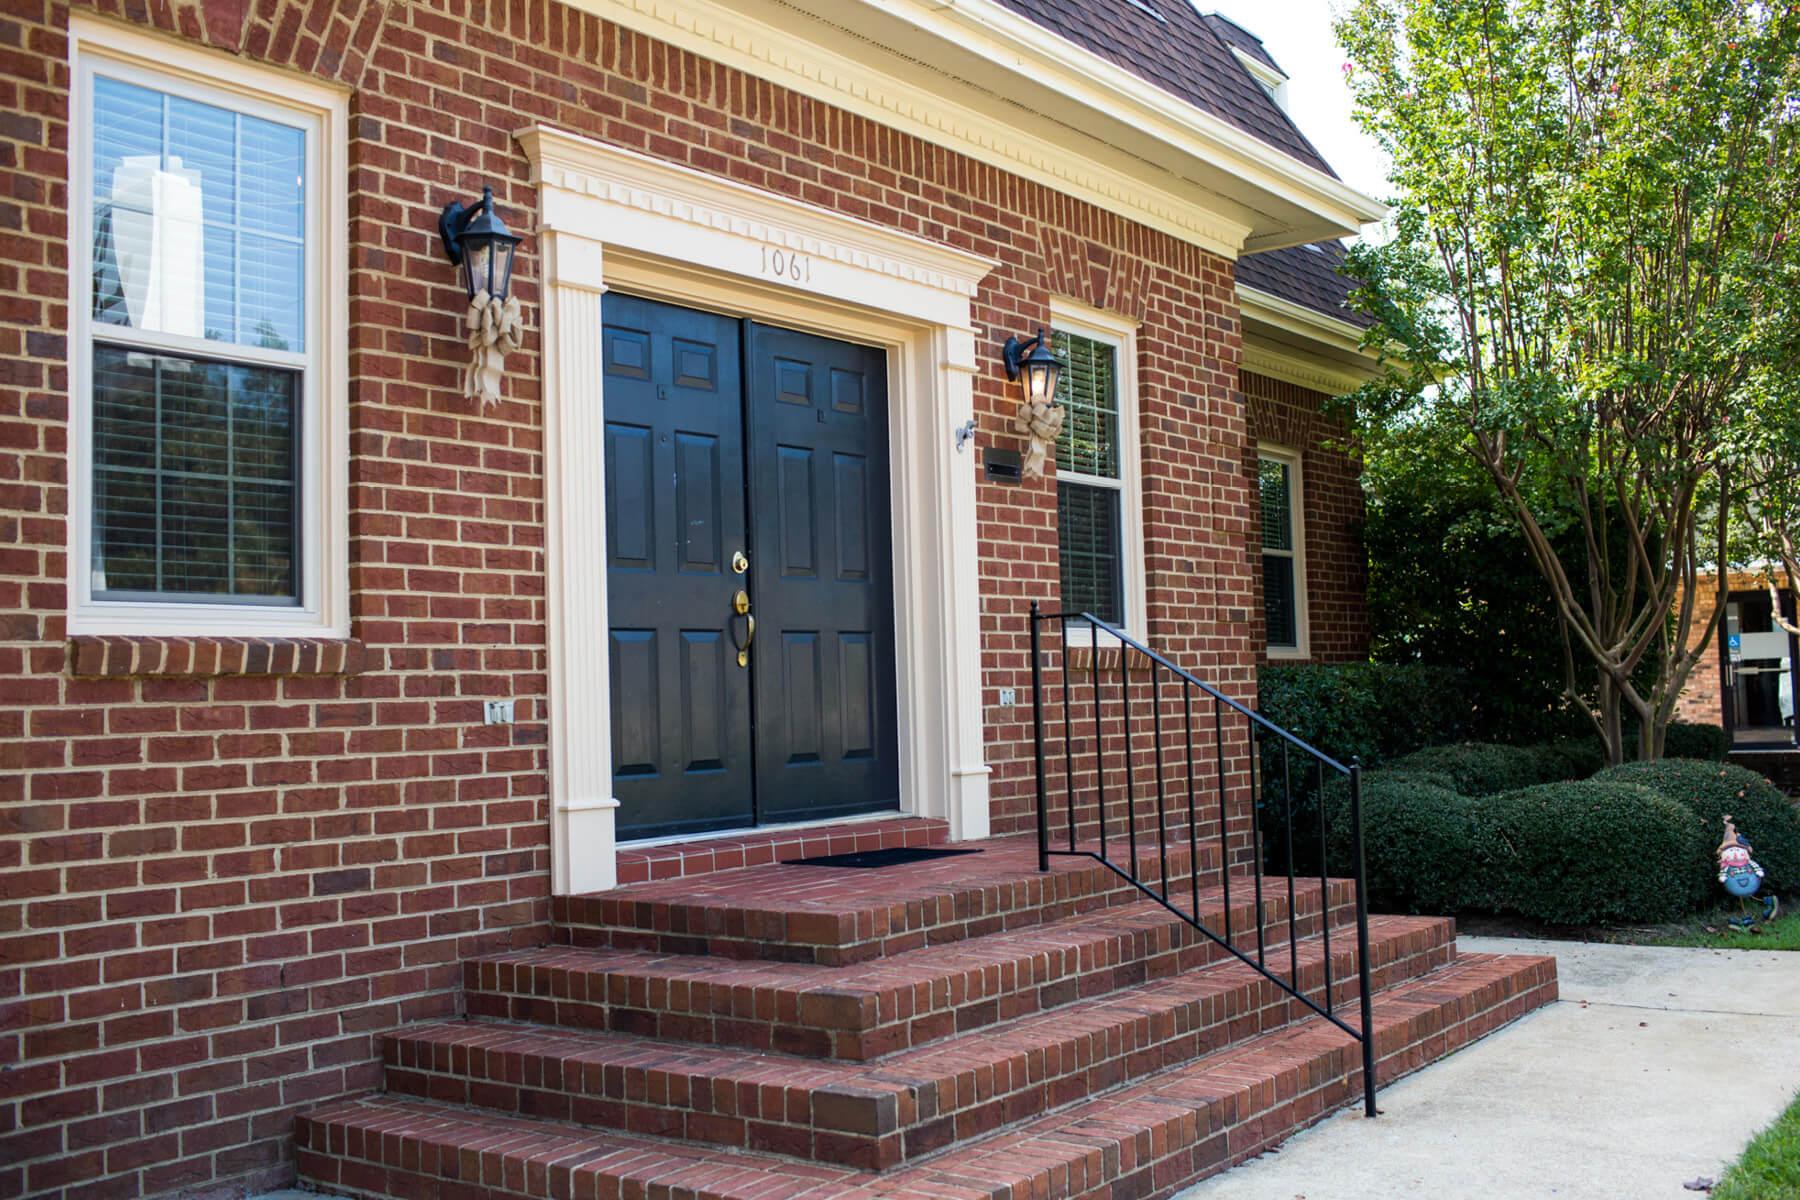 Irmo Music Academy - view of front door